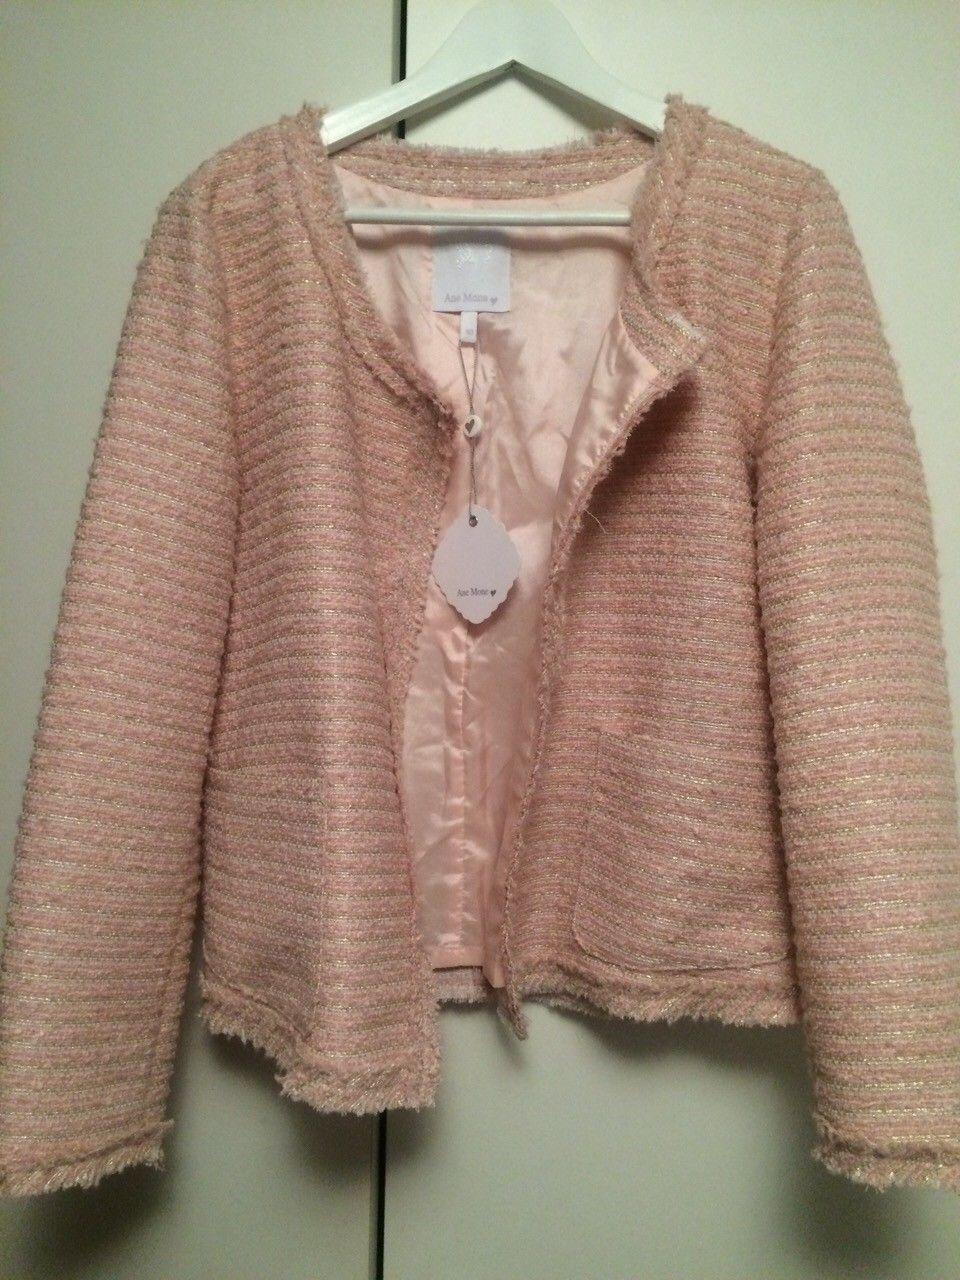 Ane Mone blazer / jakke - Skotselv  - Ubrukt blazer fra Ane Mone  Helt ny med prislapp 999kr  Lys rosa - Skotselv